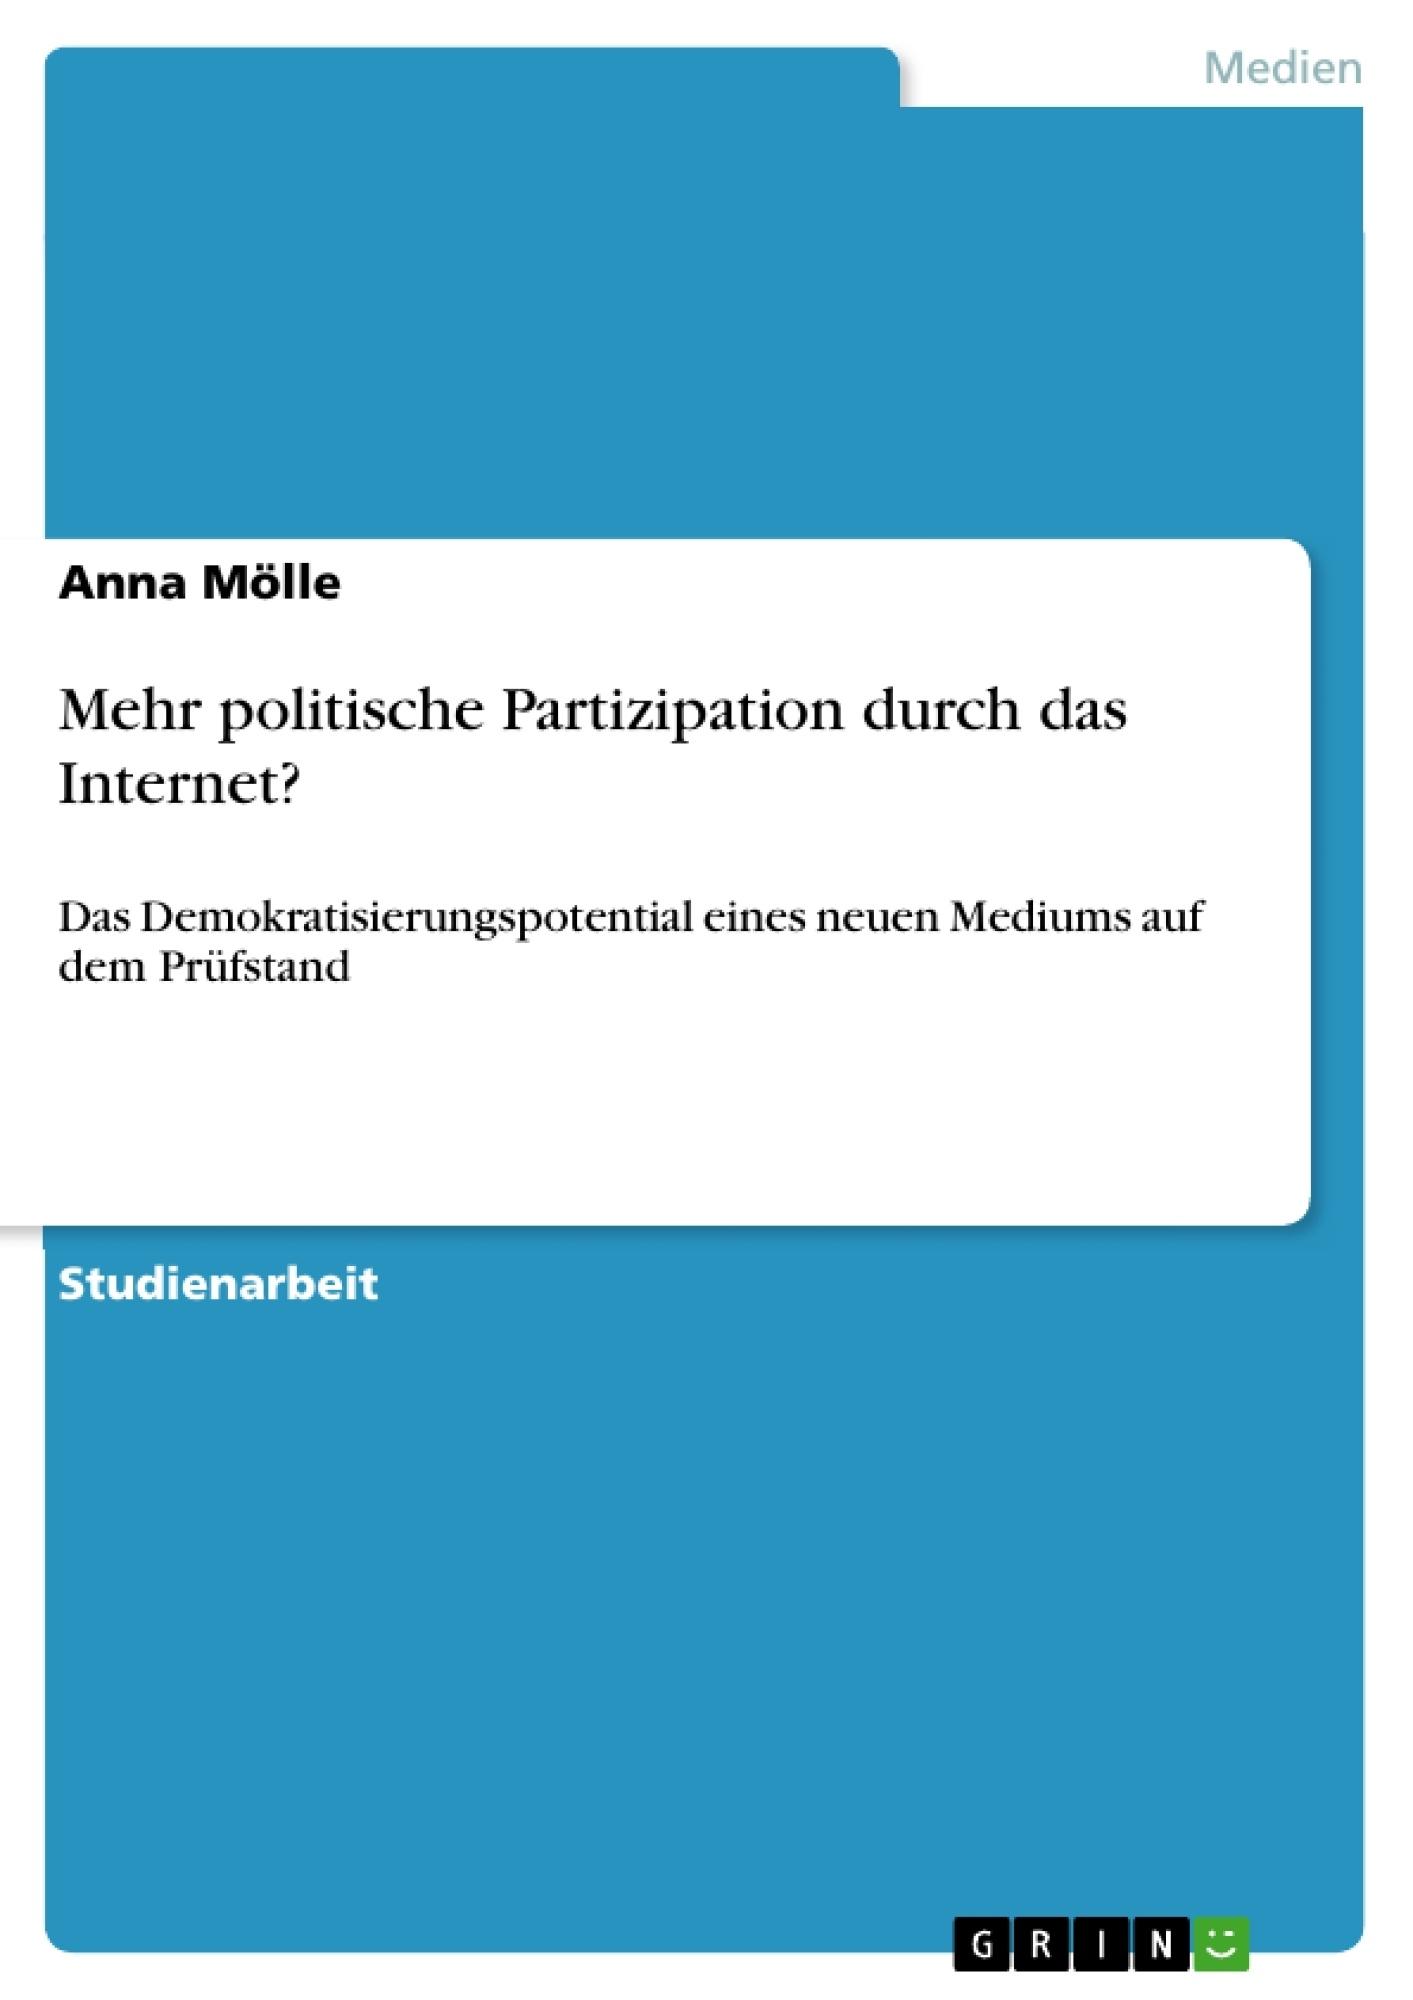 Titel: Mehr politische Partizipation durch das Internet?